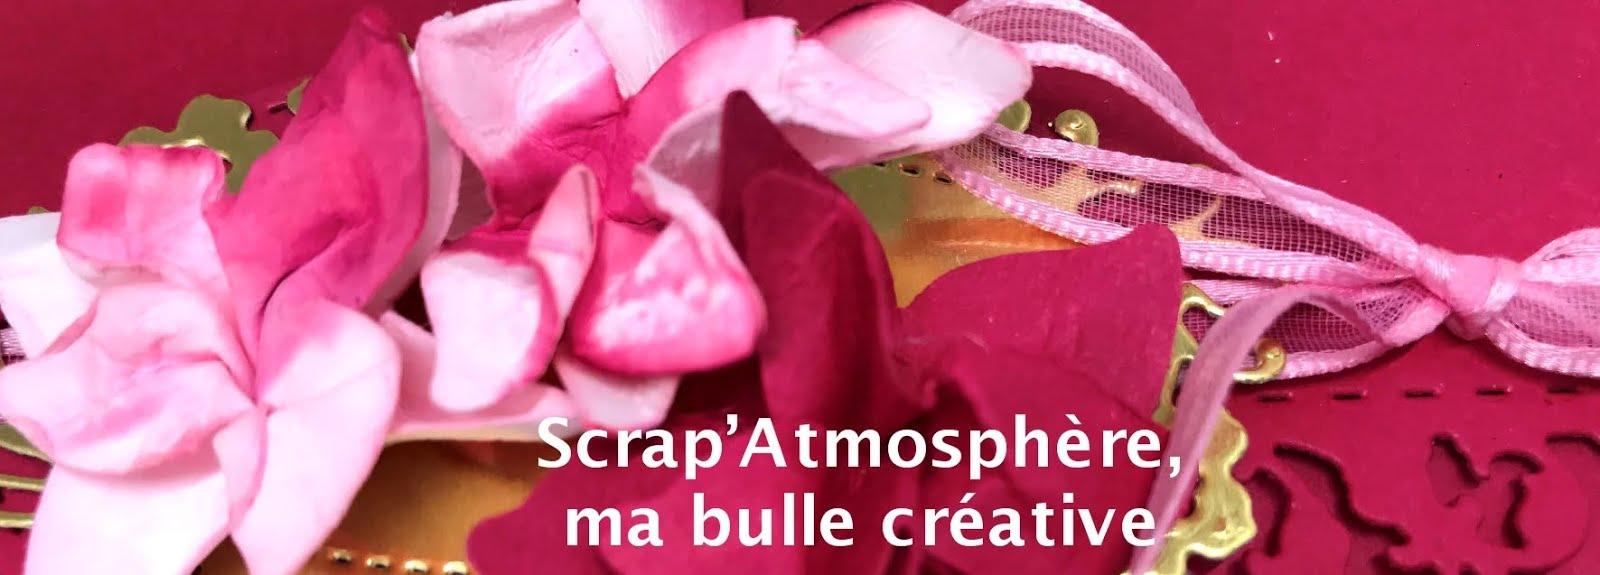 SCRAPATMOSPHERE, les ateliers créatifs de Catherine